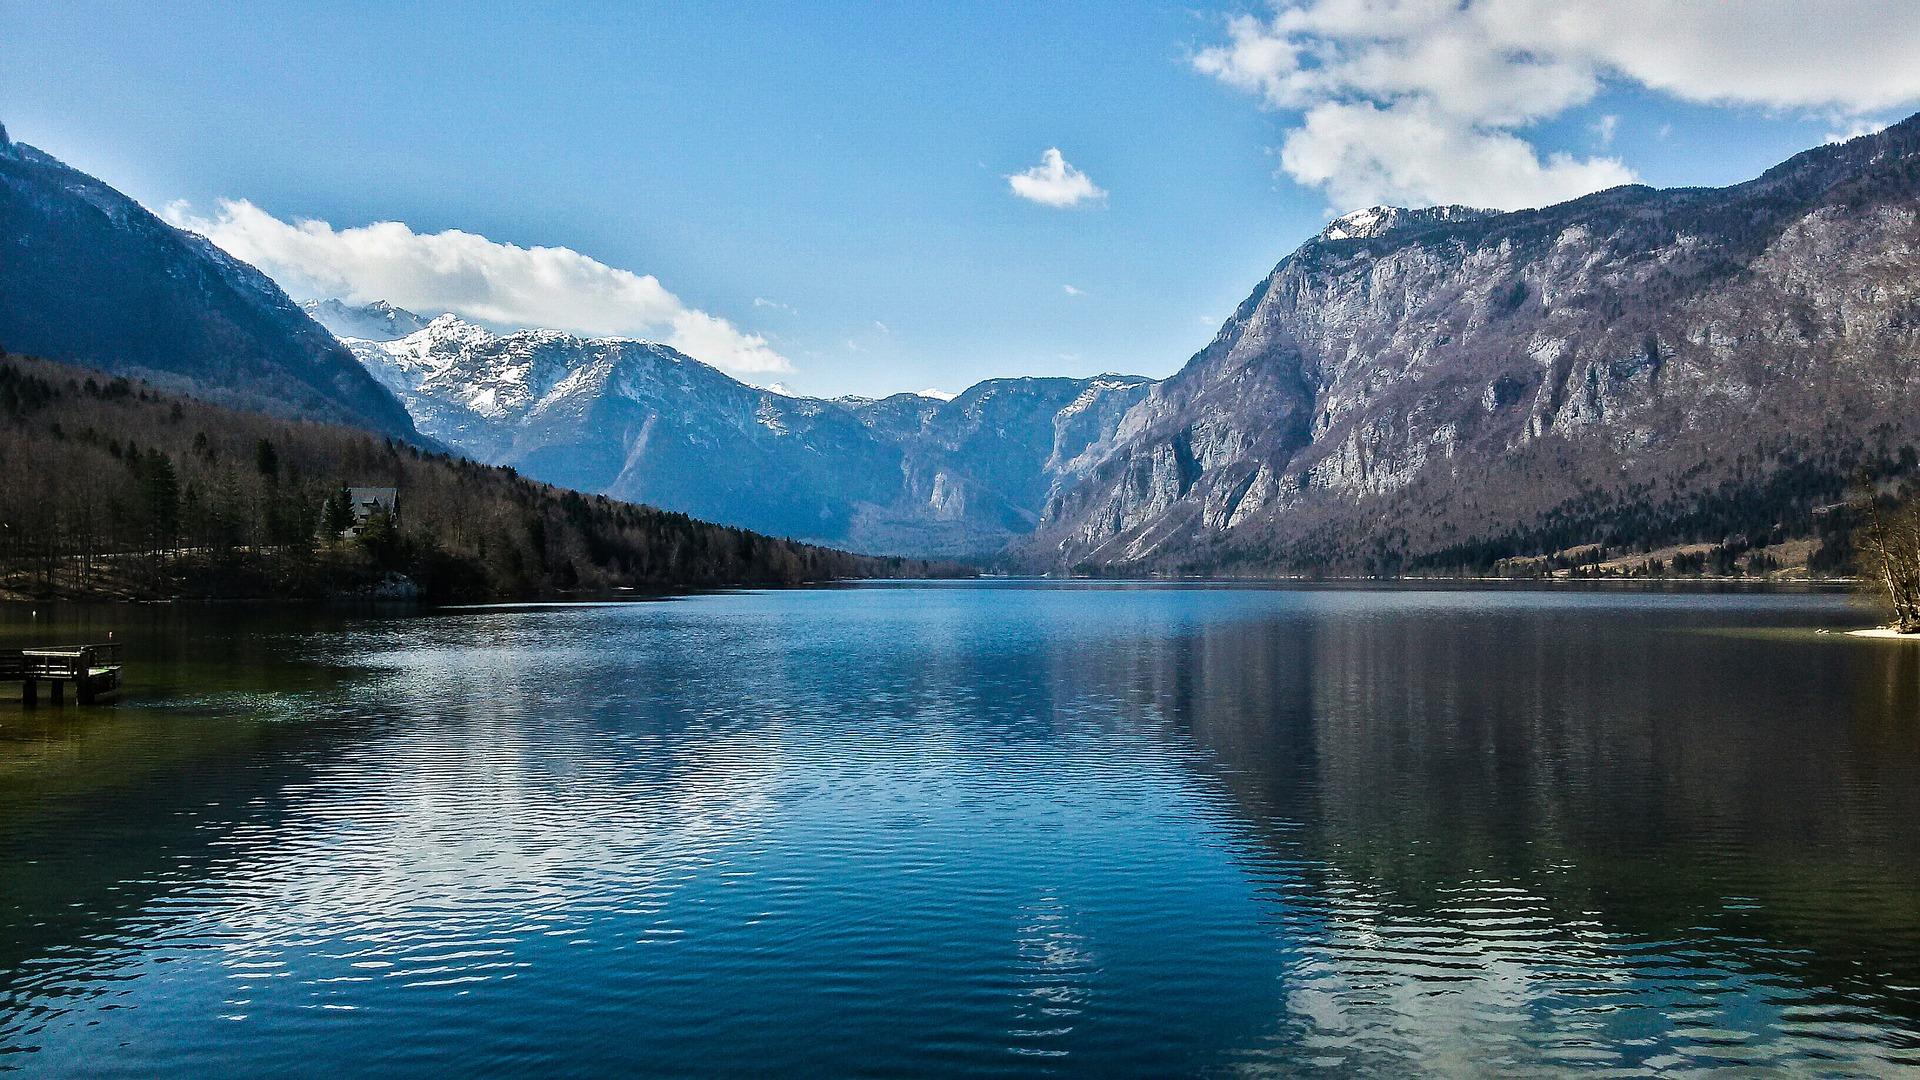 2019 - Alp Adria Radweg - Von Passau bis Venedig